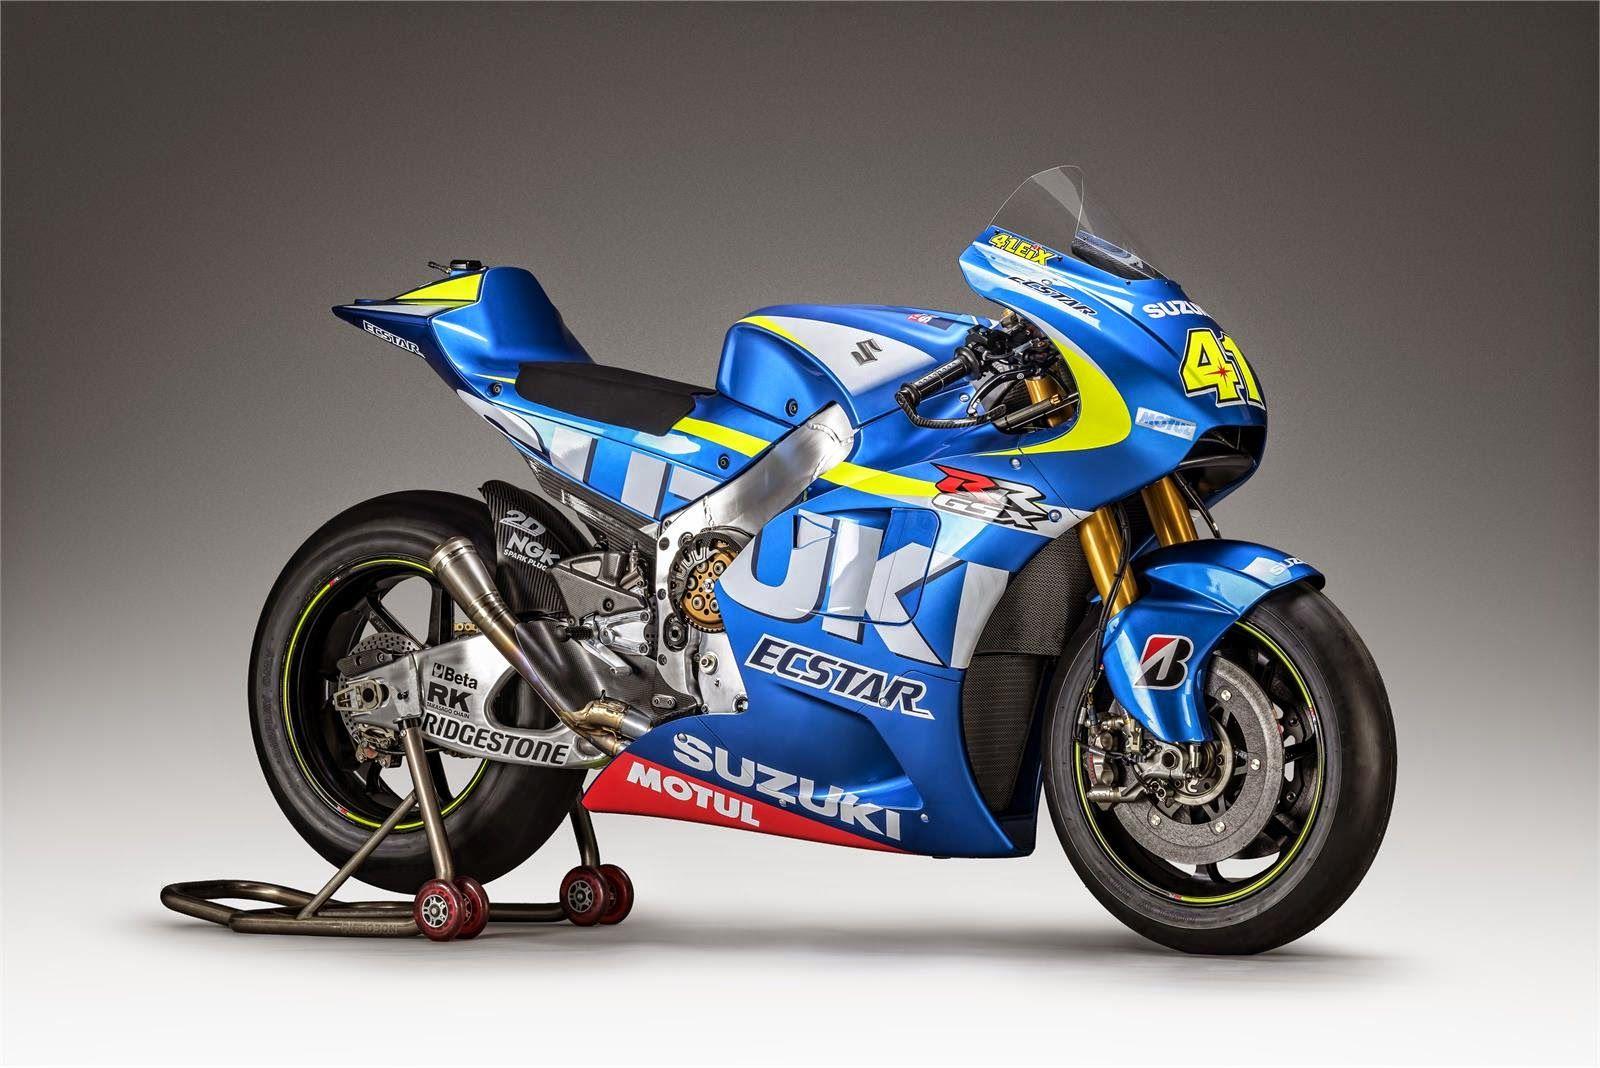 Team Suzuki Ecstar Wallpaper Photo Suzuki Gsx Motogp Racing Bikes